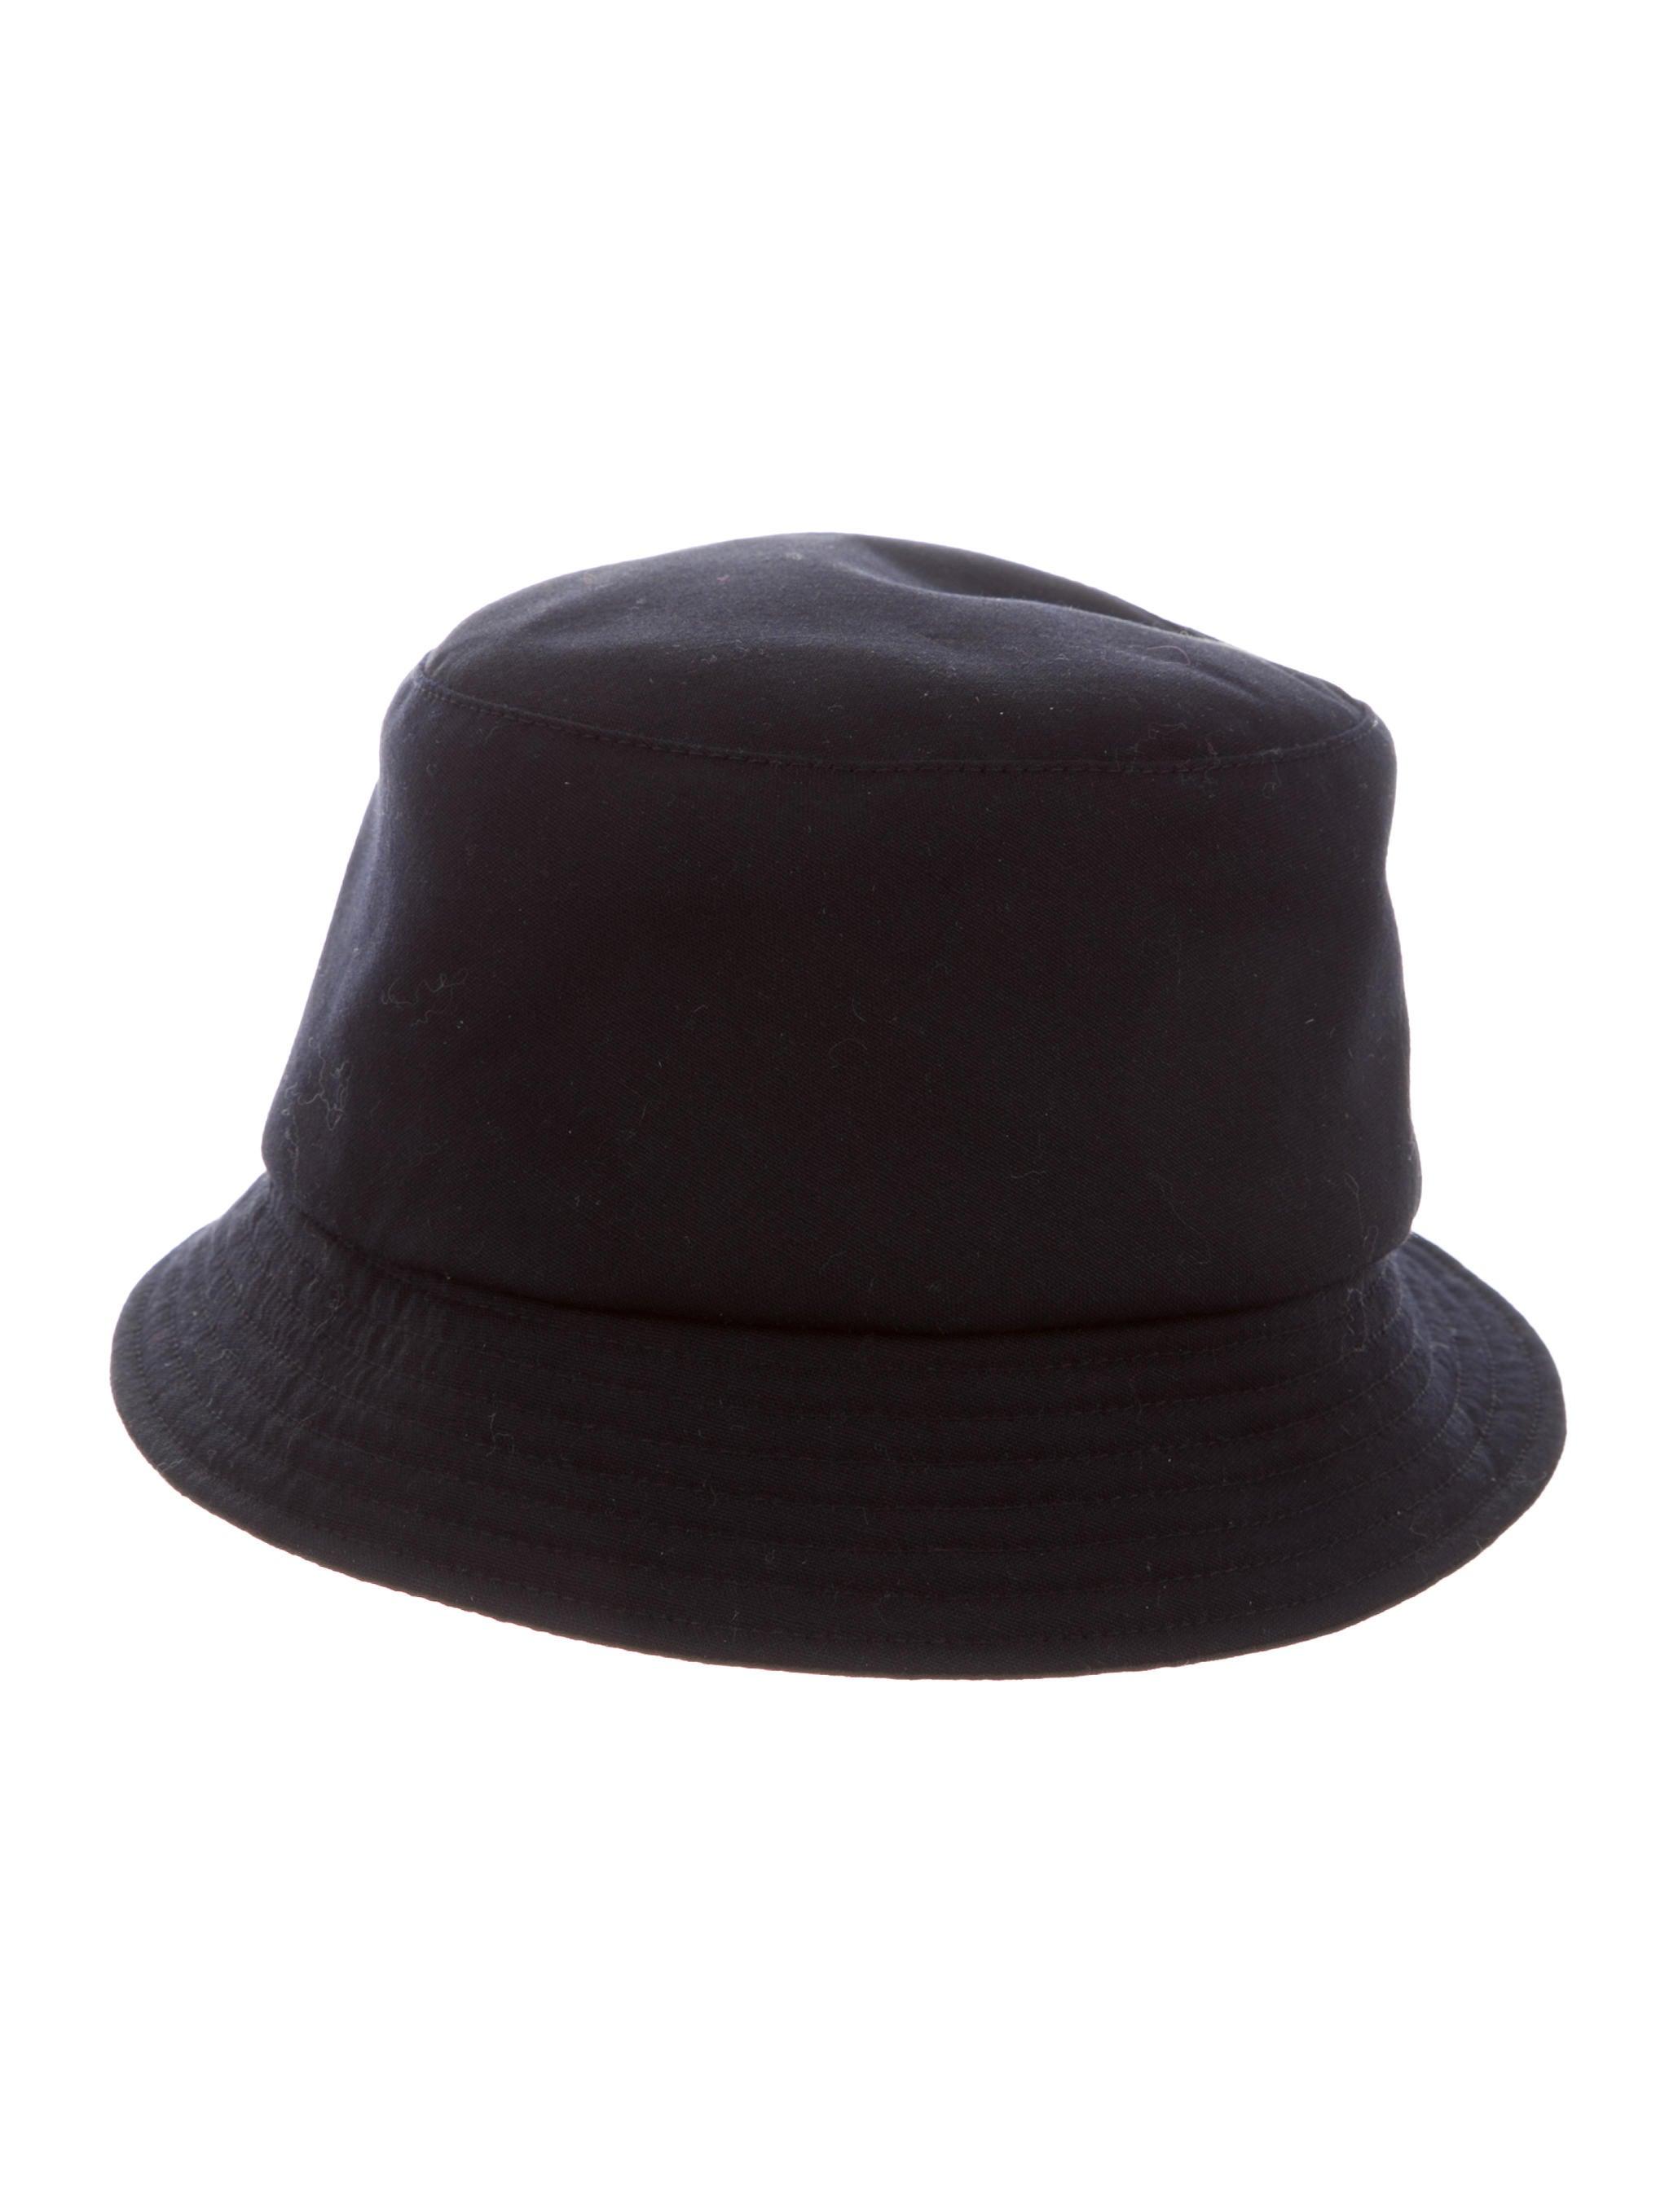 Comme des Garçons Woven Bucket Hat - Accessories - COM23933  0948c70a50b